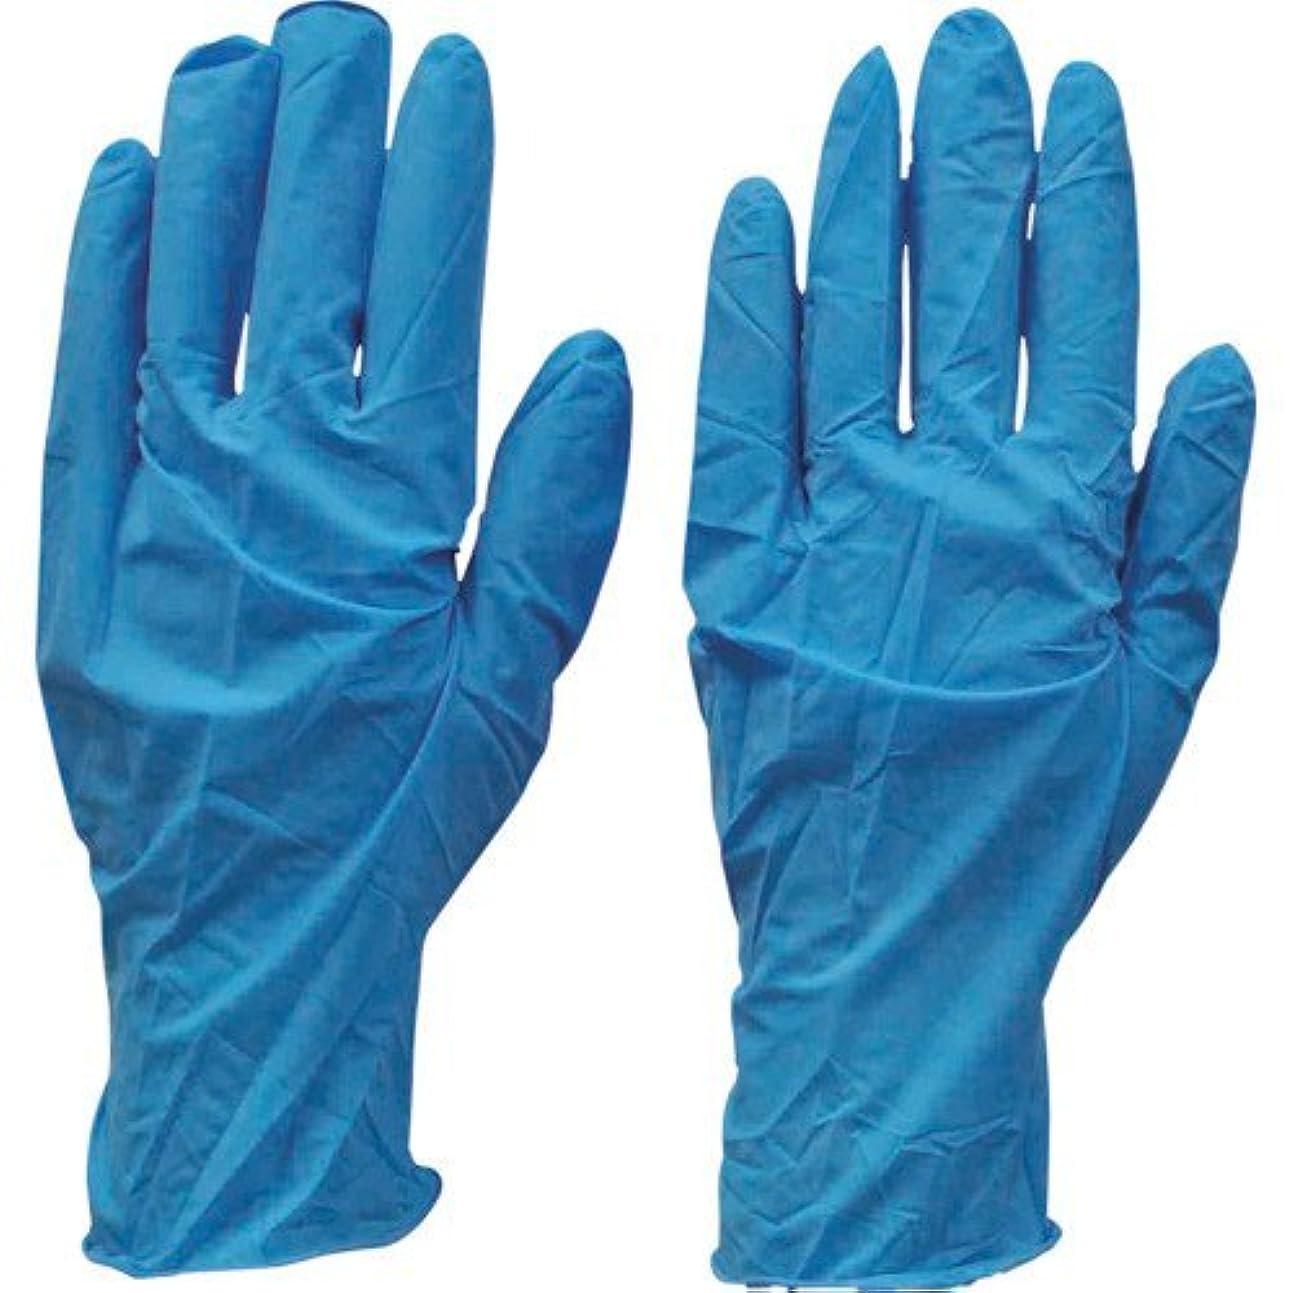 リクルート多様体コンクリートダンロップ N-211 天然ゴム極うす手袋100枚入 Lブルー N211LB